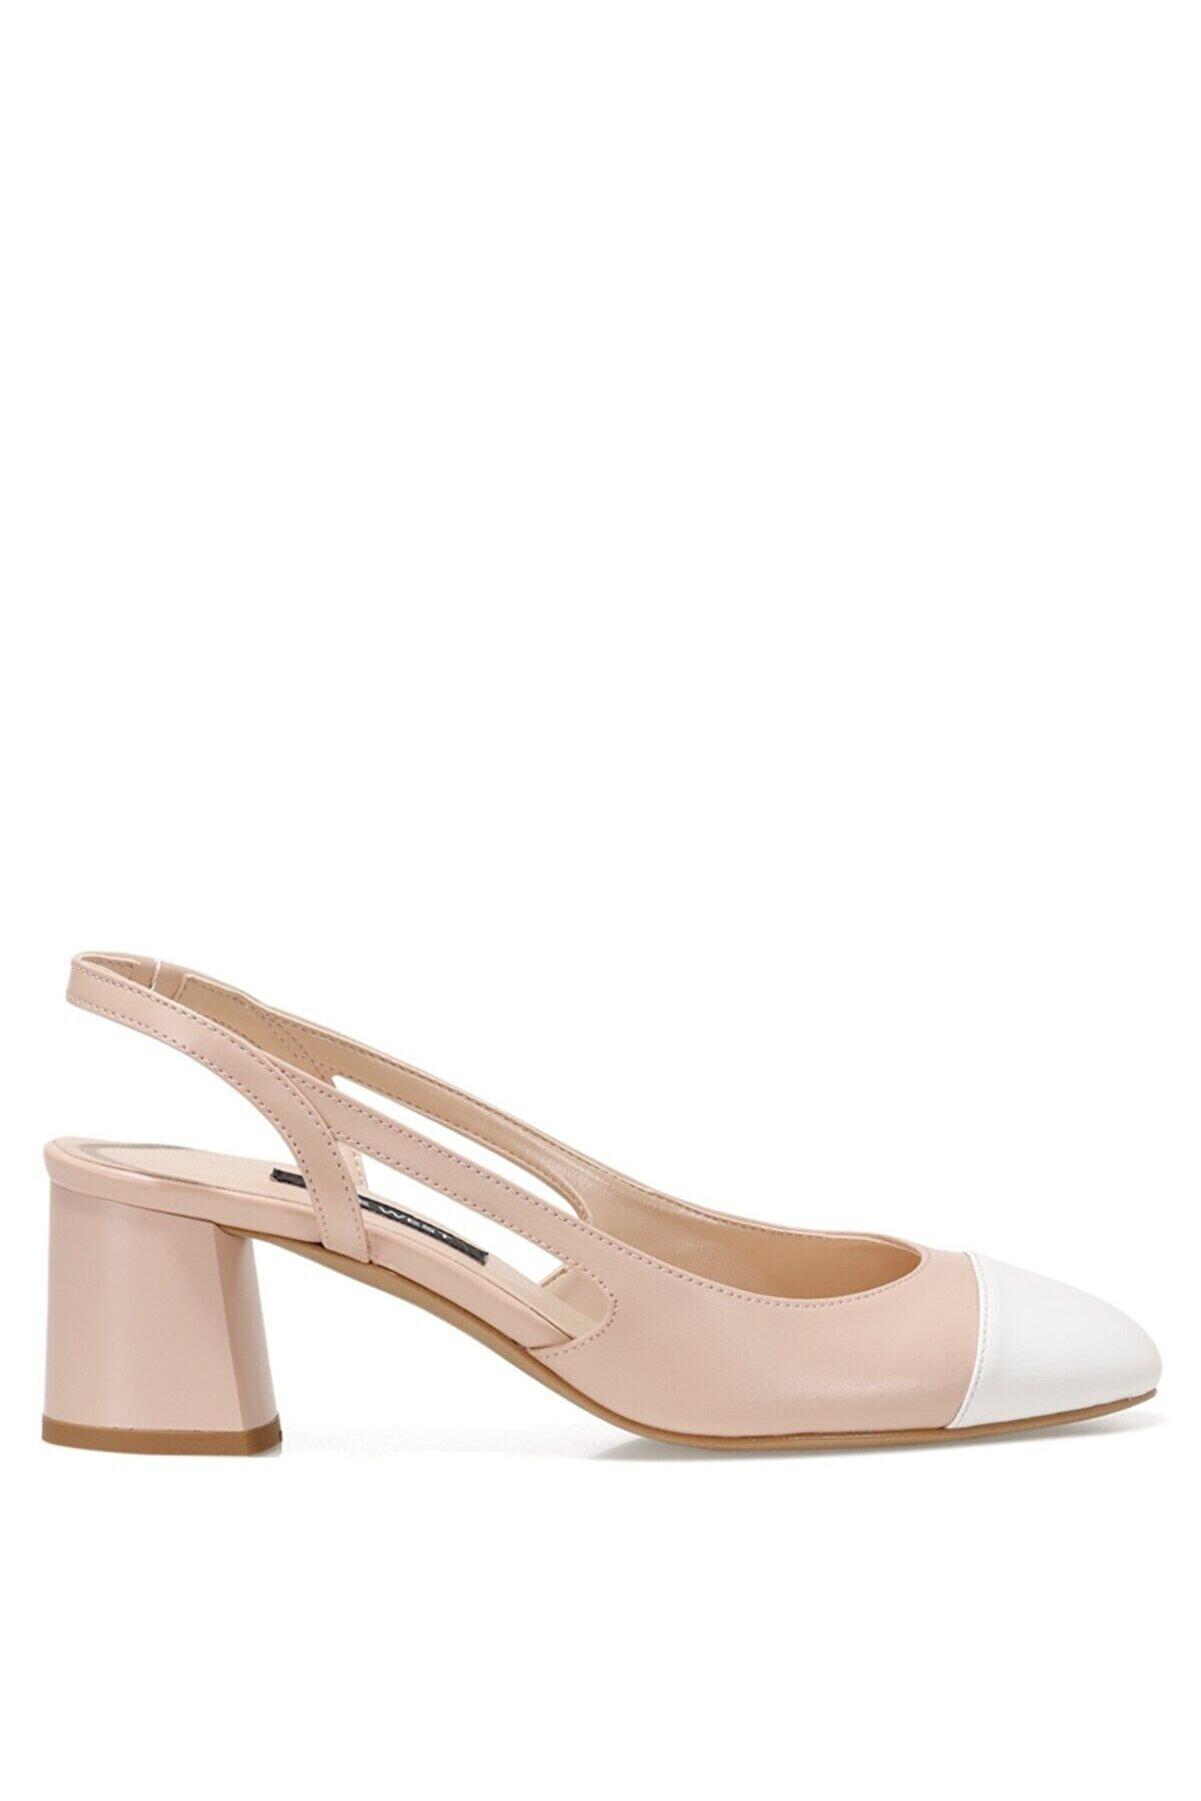 Nine West SENDAR Pudra Kadın Klasik Topuklu Ayakkabı 100526629